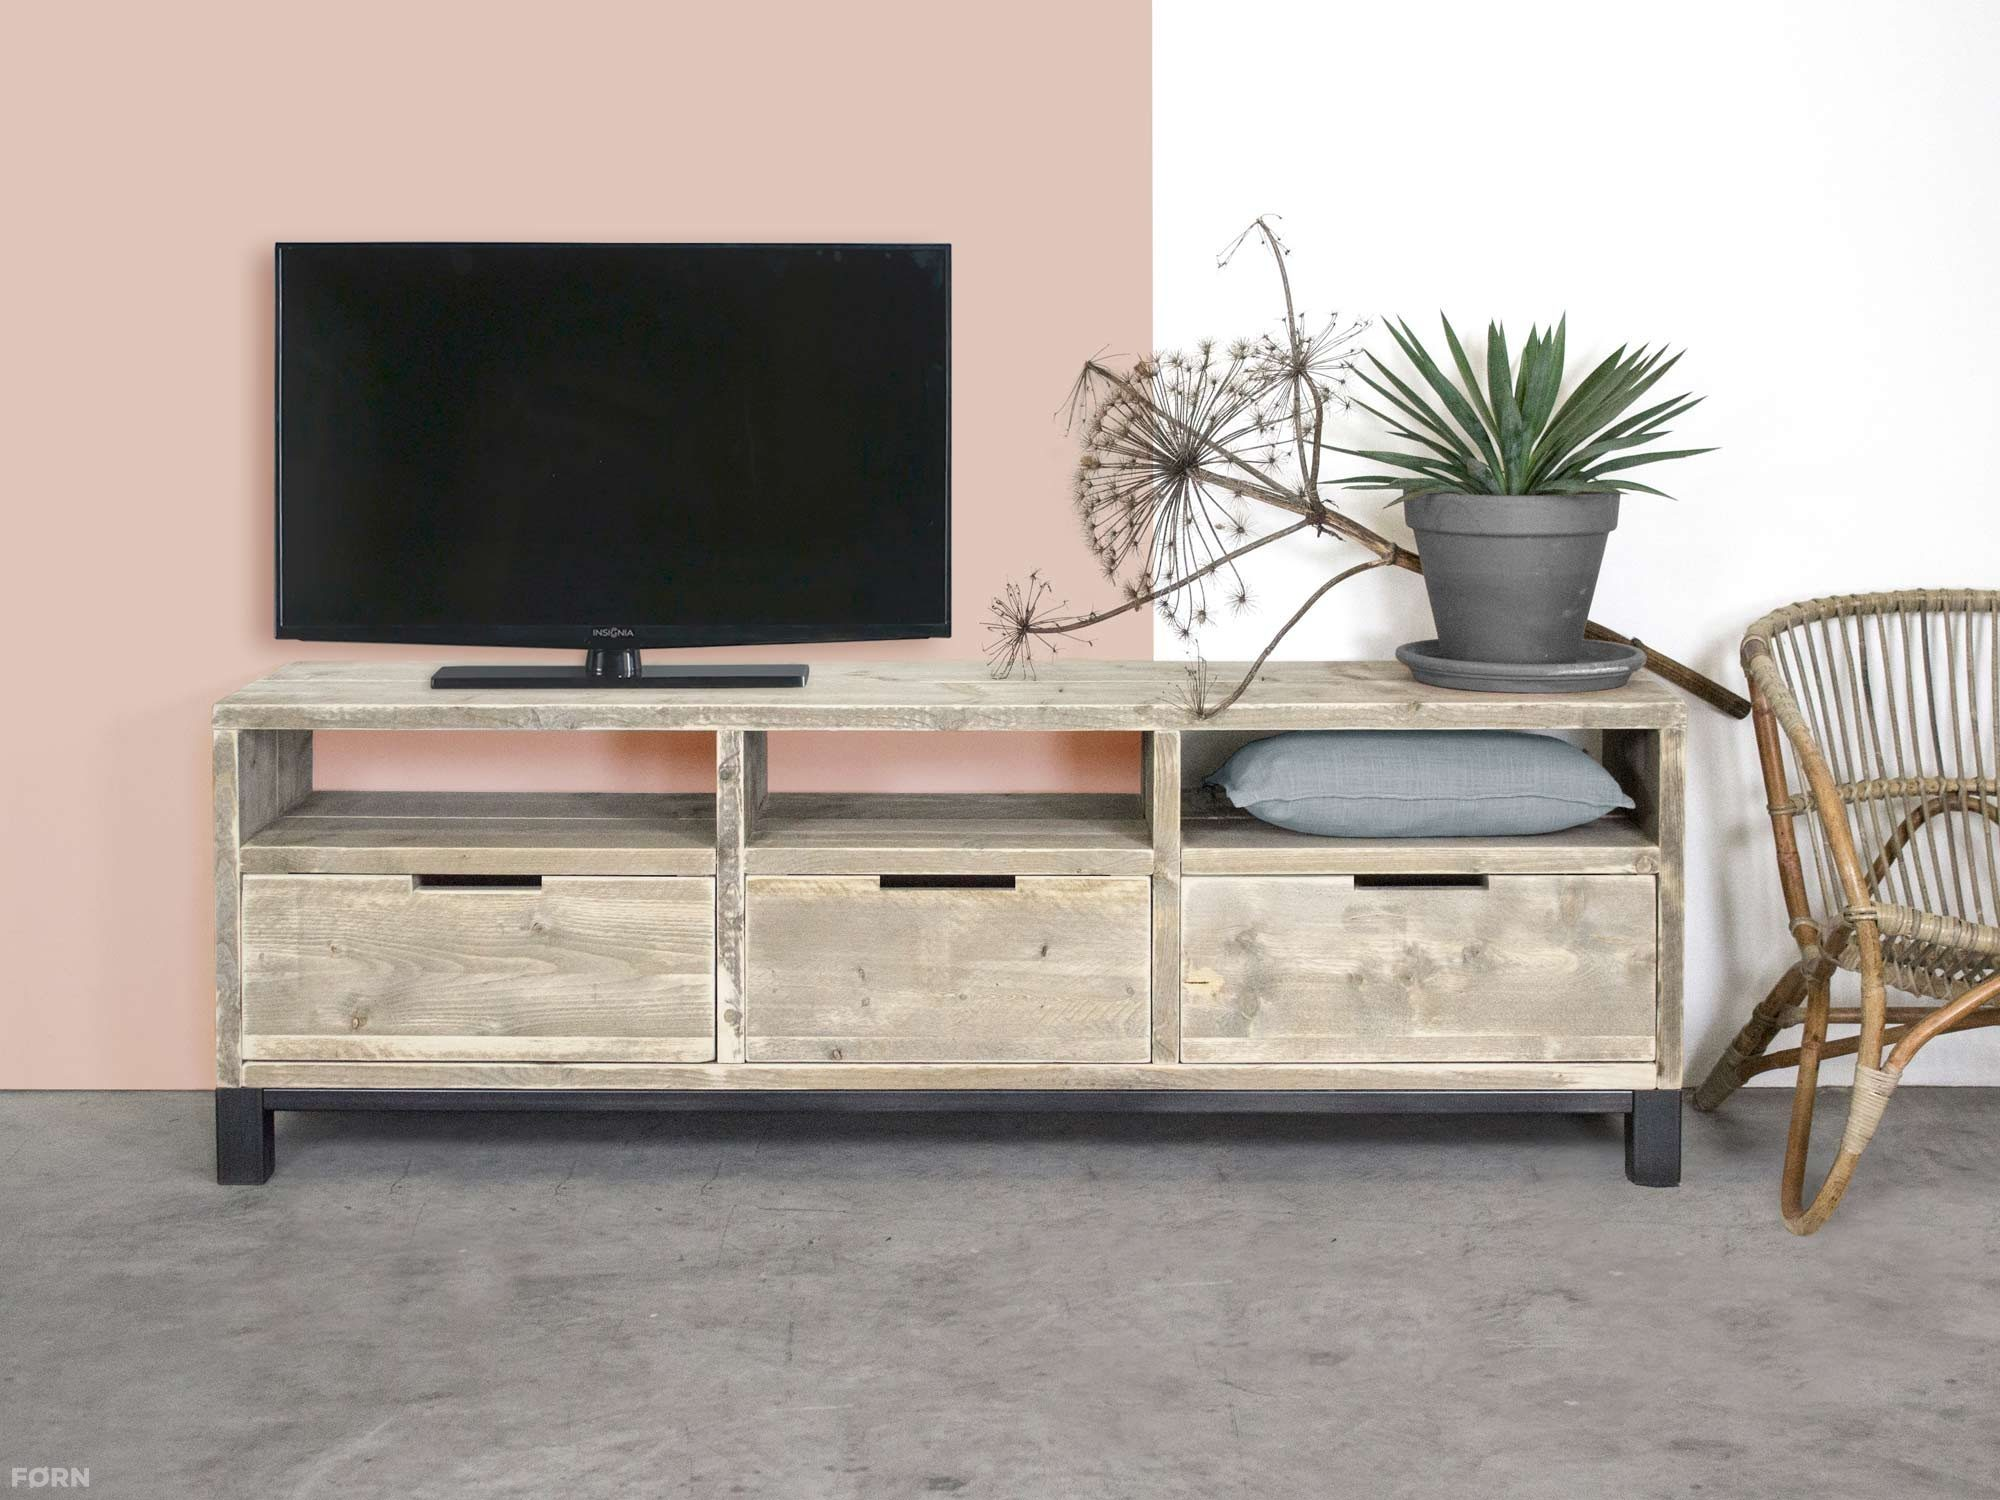 Bauholz TV-Schrank im industriellen Design mit Stahl